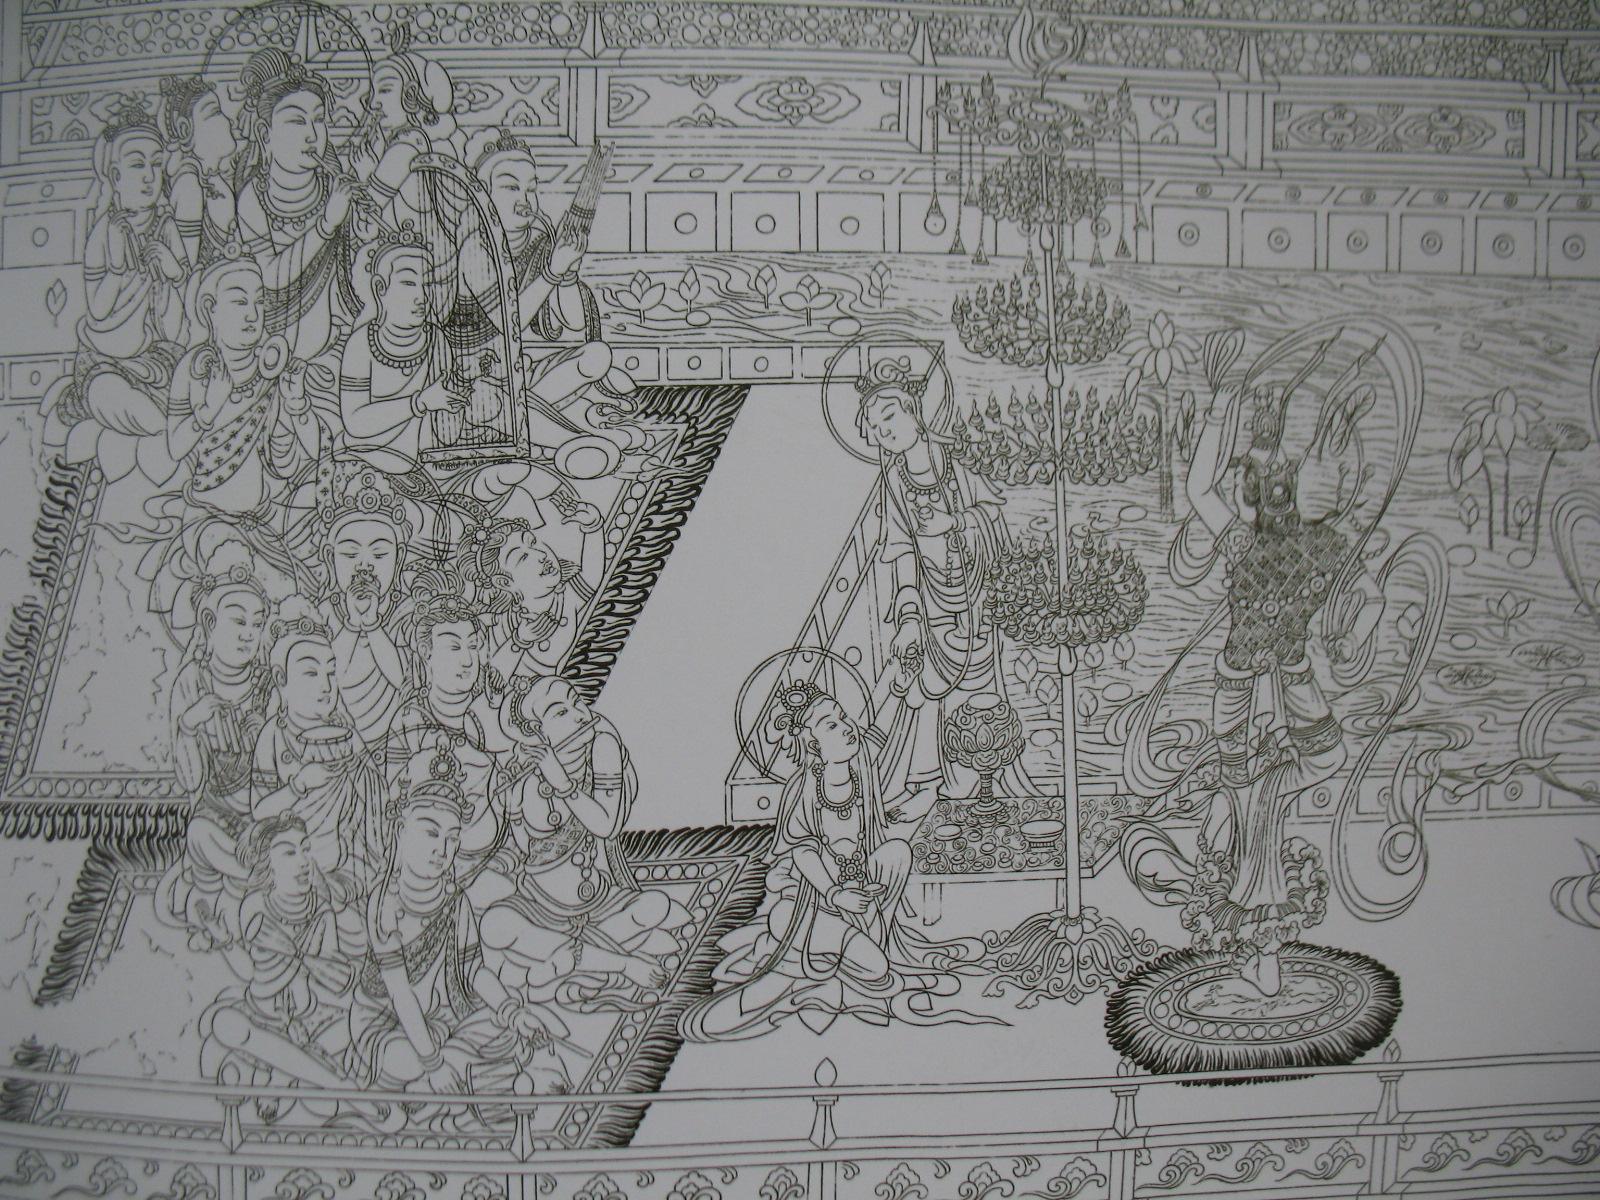 对照线描稿不难发现,隋唐时的中国绘画在人物的描绘方面已